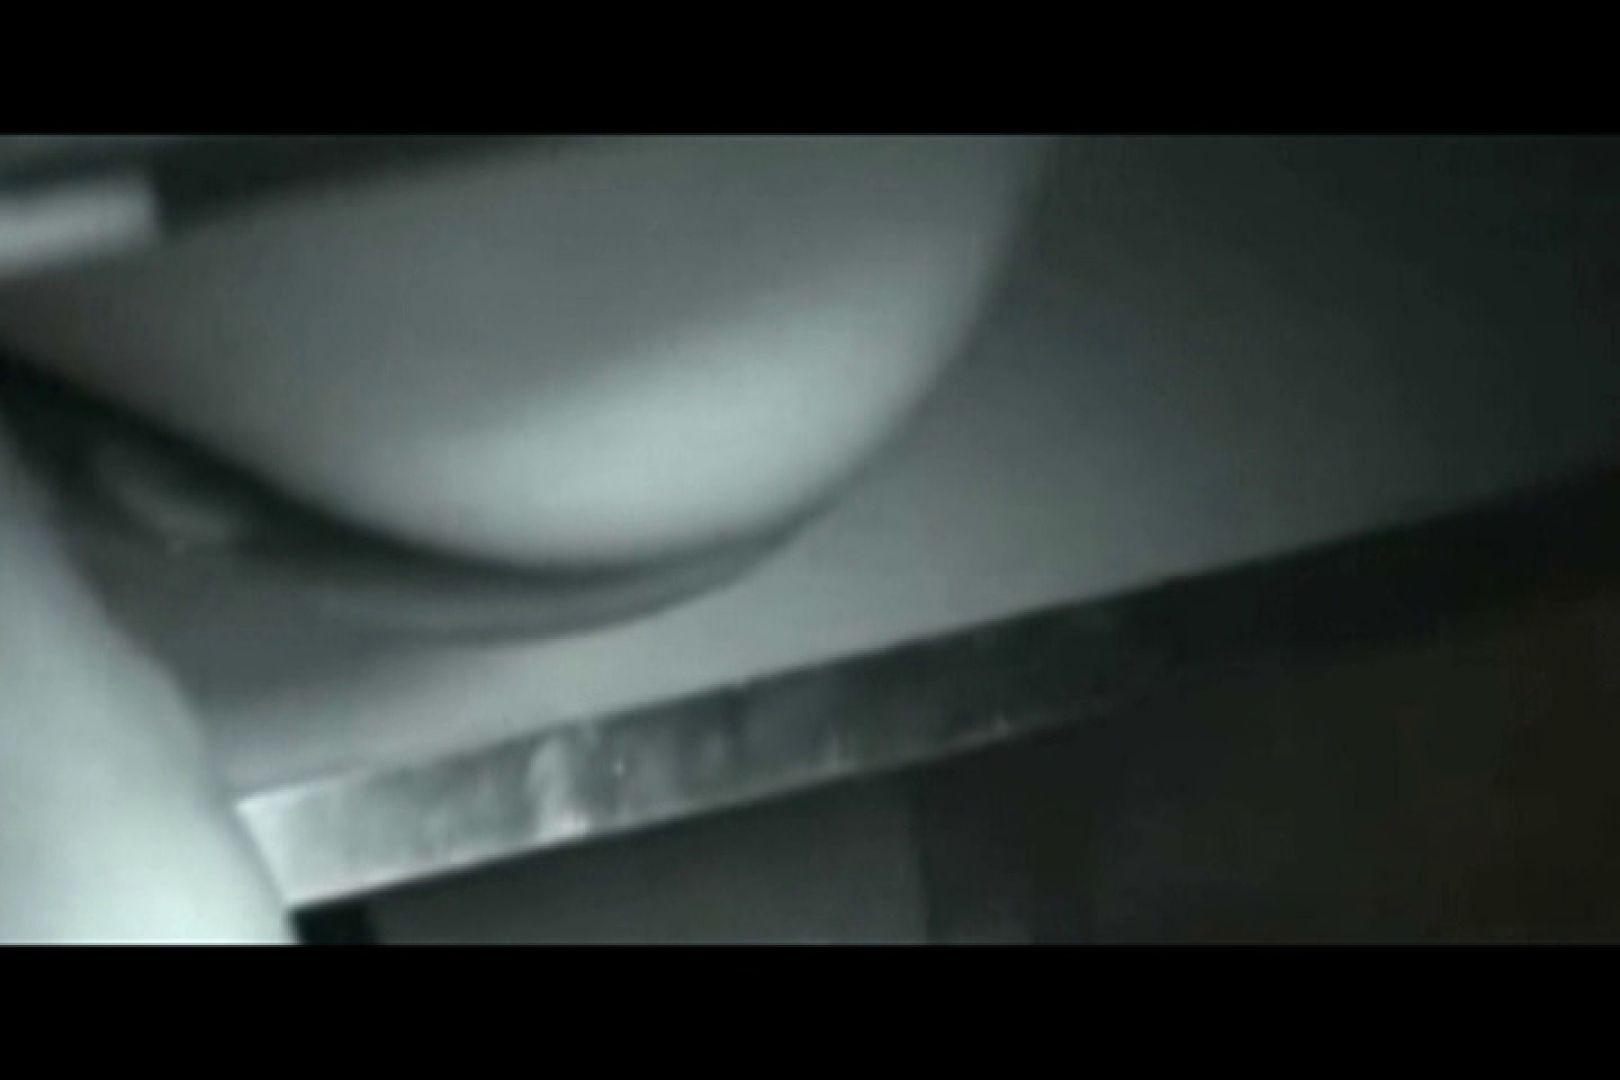 ぼっとん洗面所スペシャルVol.18 エロティックなOL ぱこり動画紹介 76画像 2